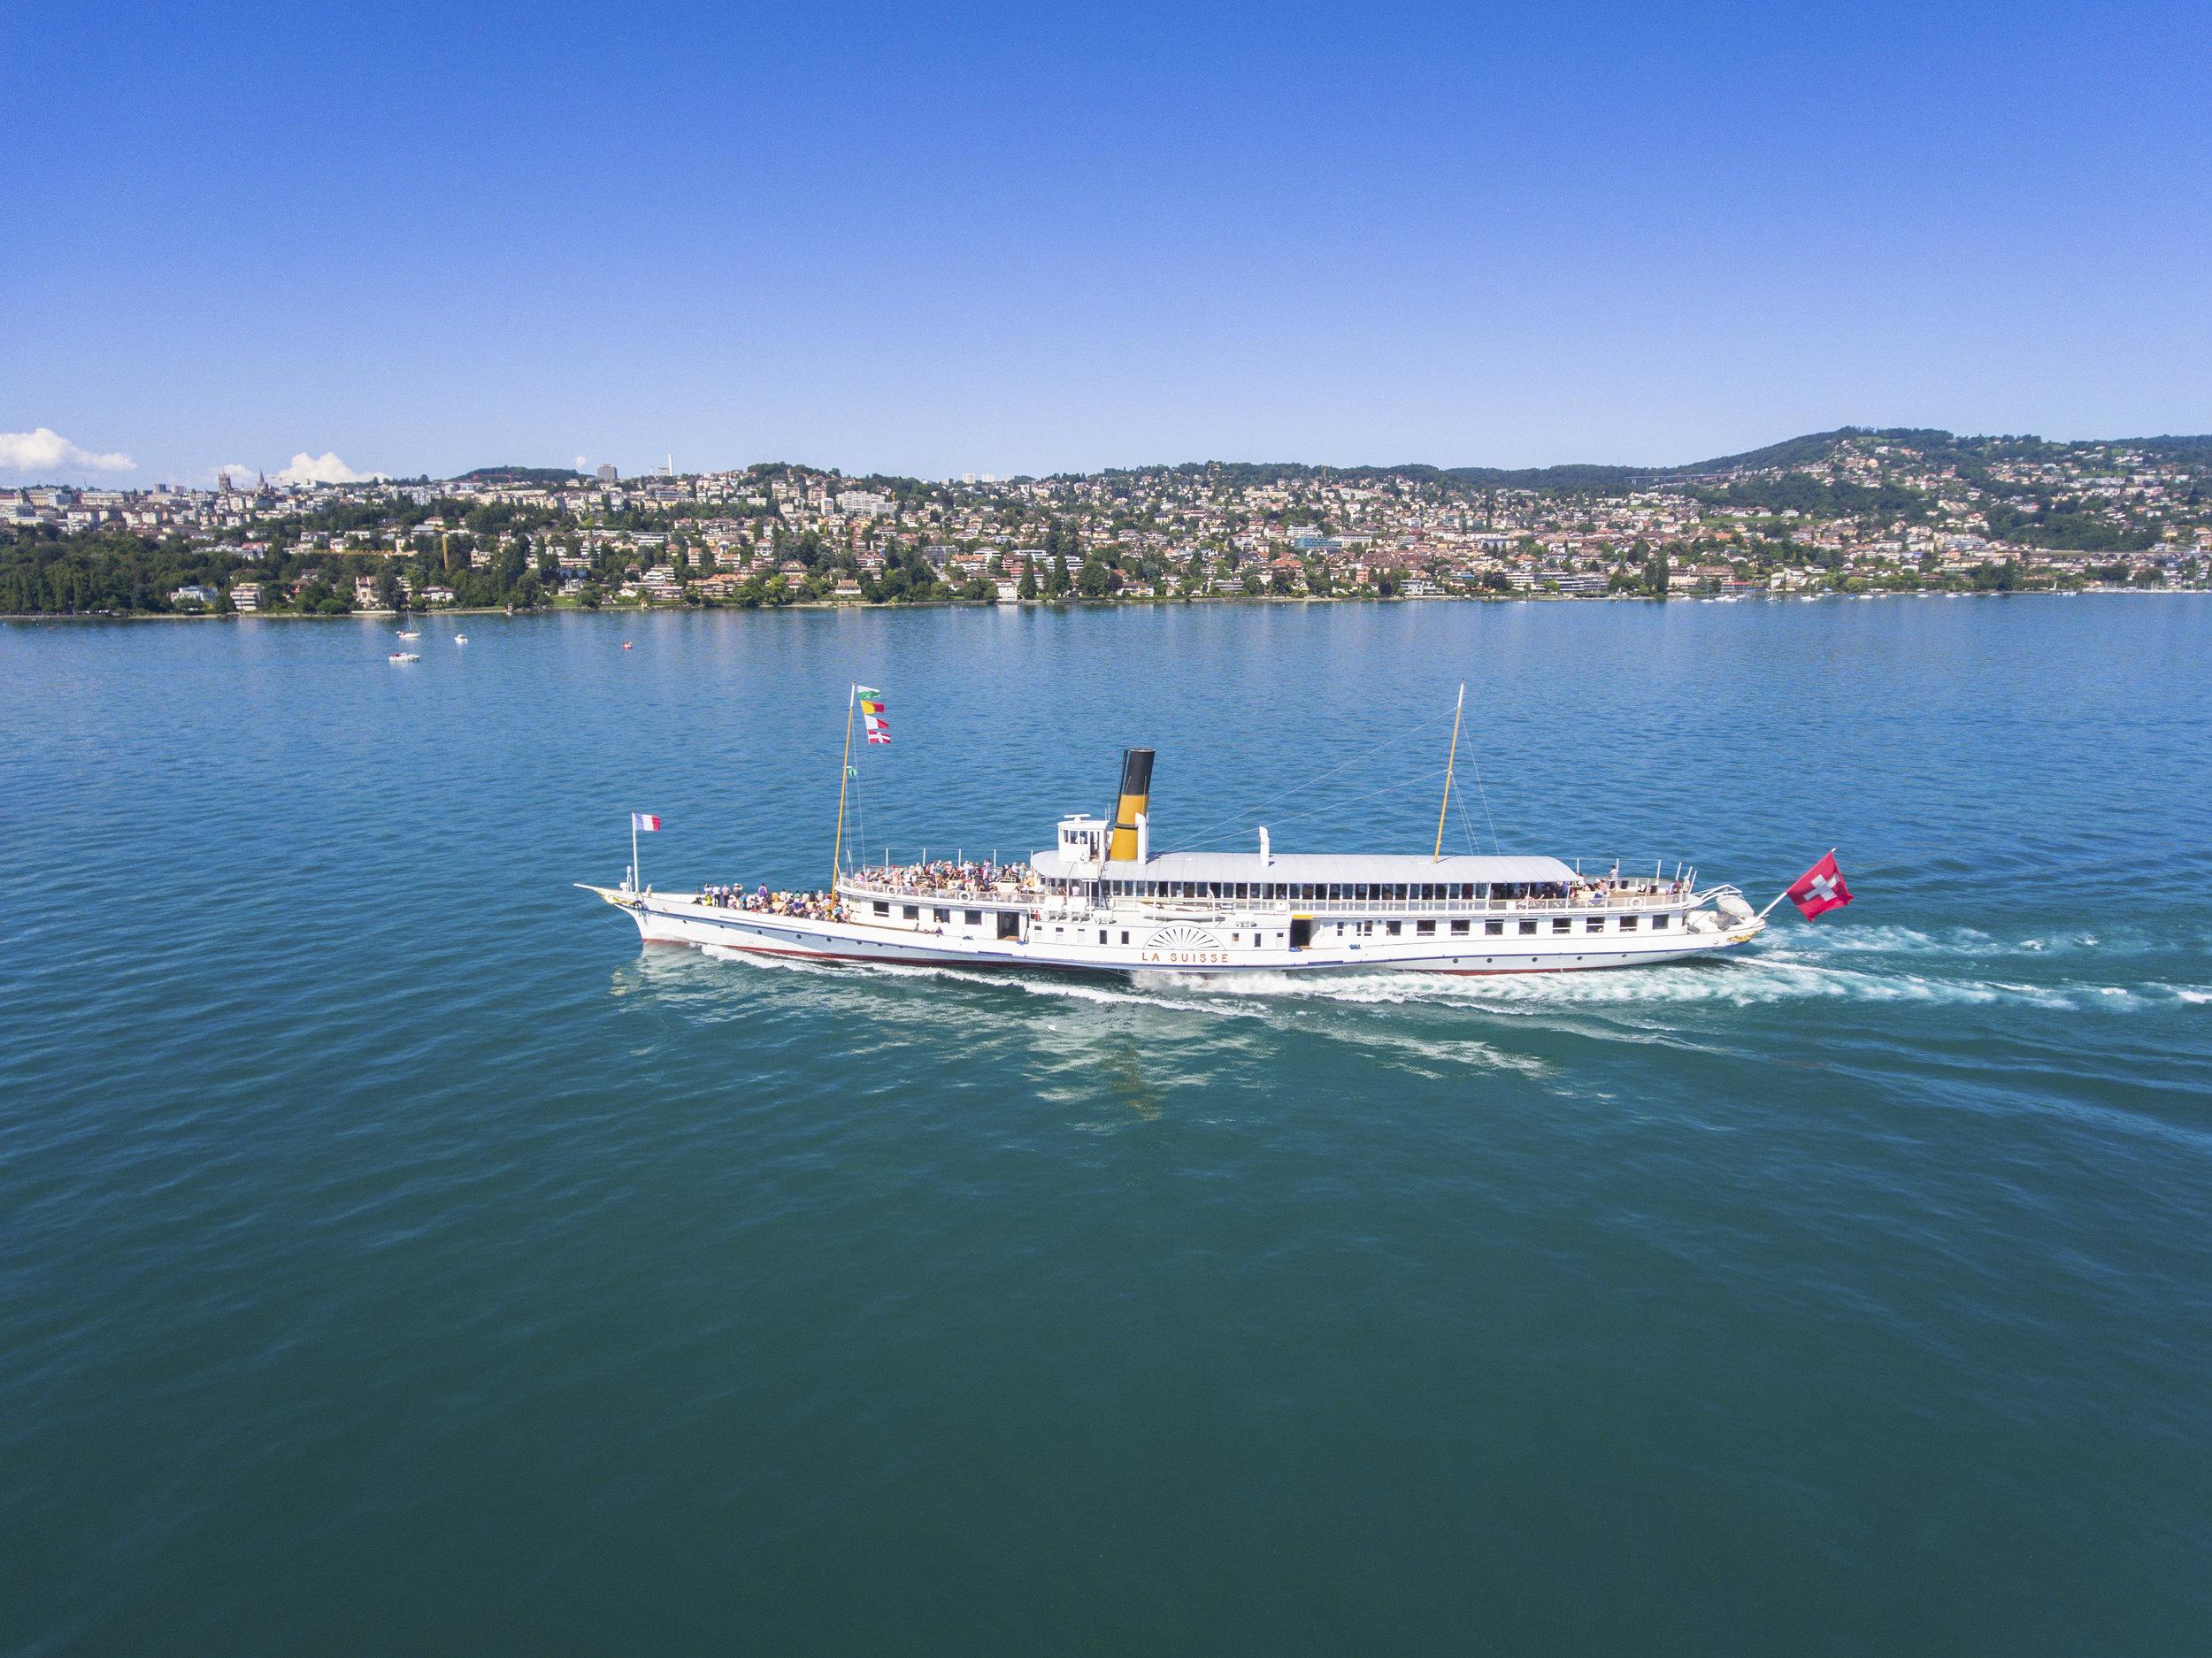 Lac Léman / Lake Geneva steamboat